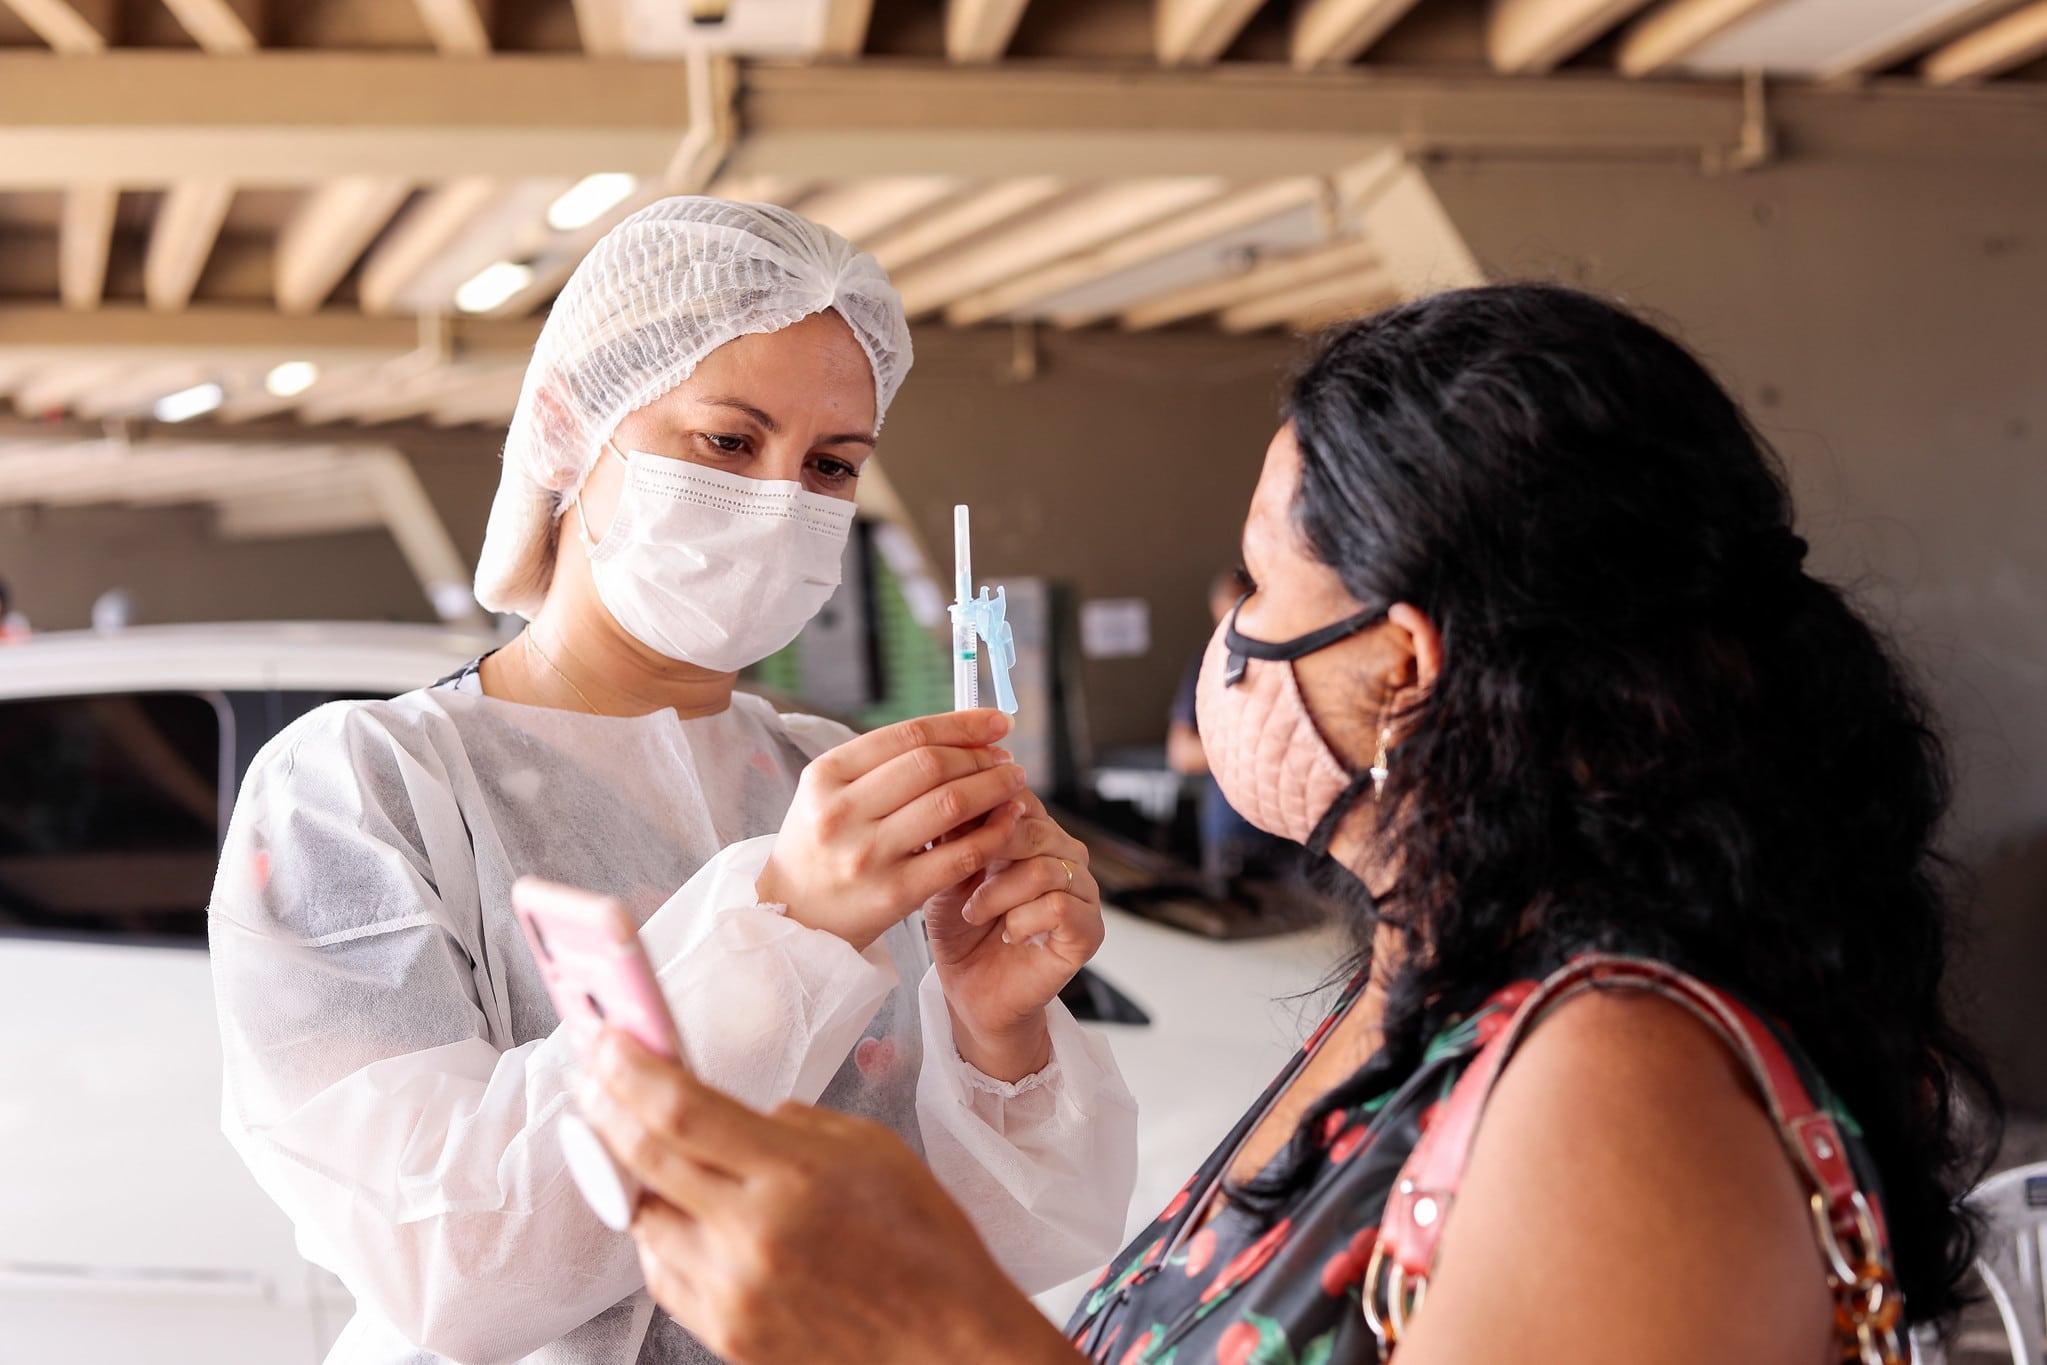 Vacinação continua lenta no Brasil, mas promessa é acelerar